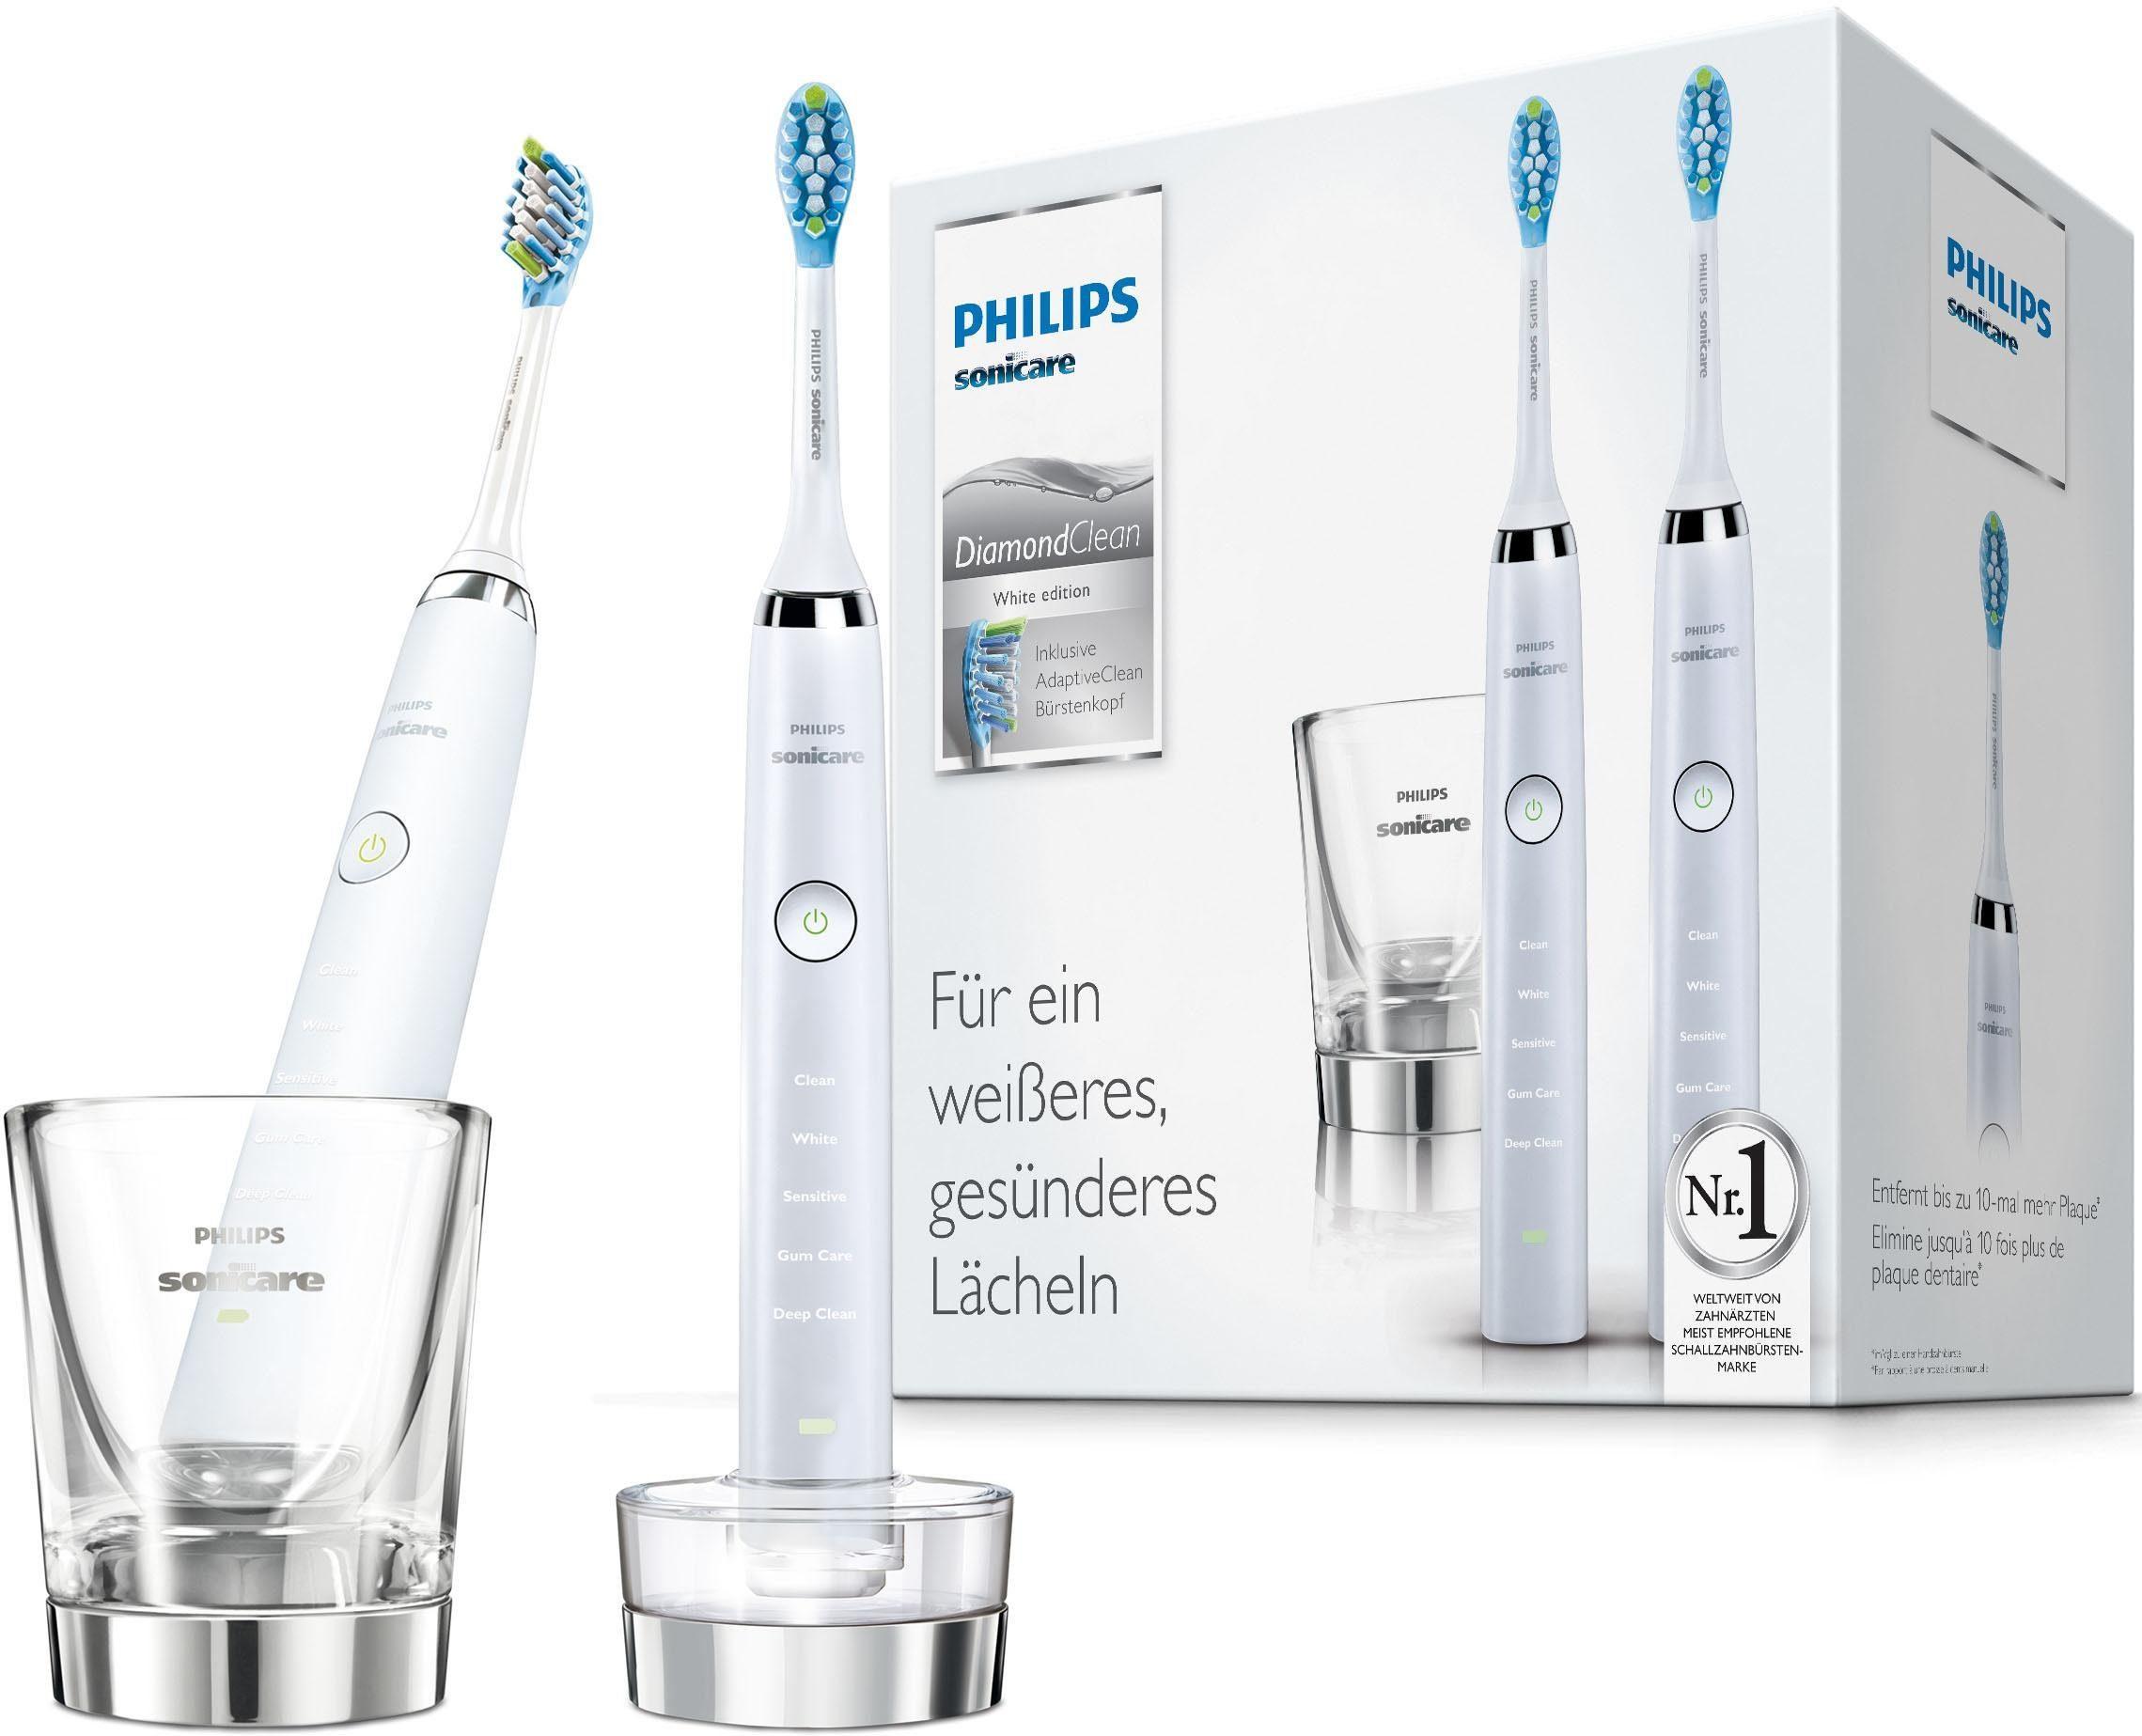 Philips Sonicare Schallzahnbürste HX9327/87 Diamond Clean Neue Generation, Aufsteckbürsten: 2 St., Doppelpack inkl. Ladeglas & Ladering